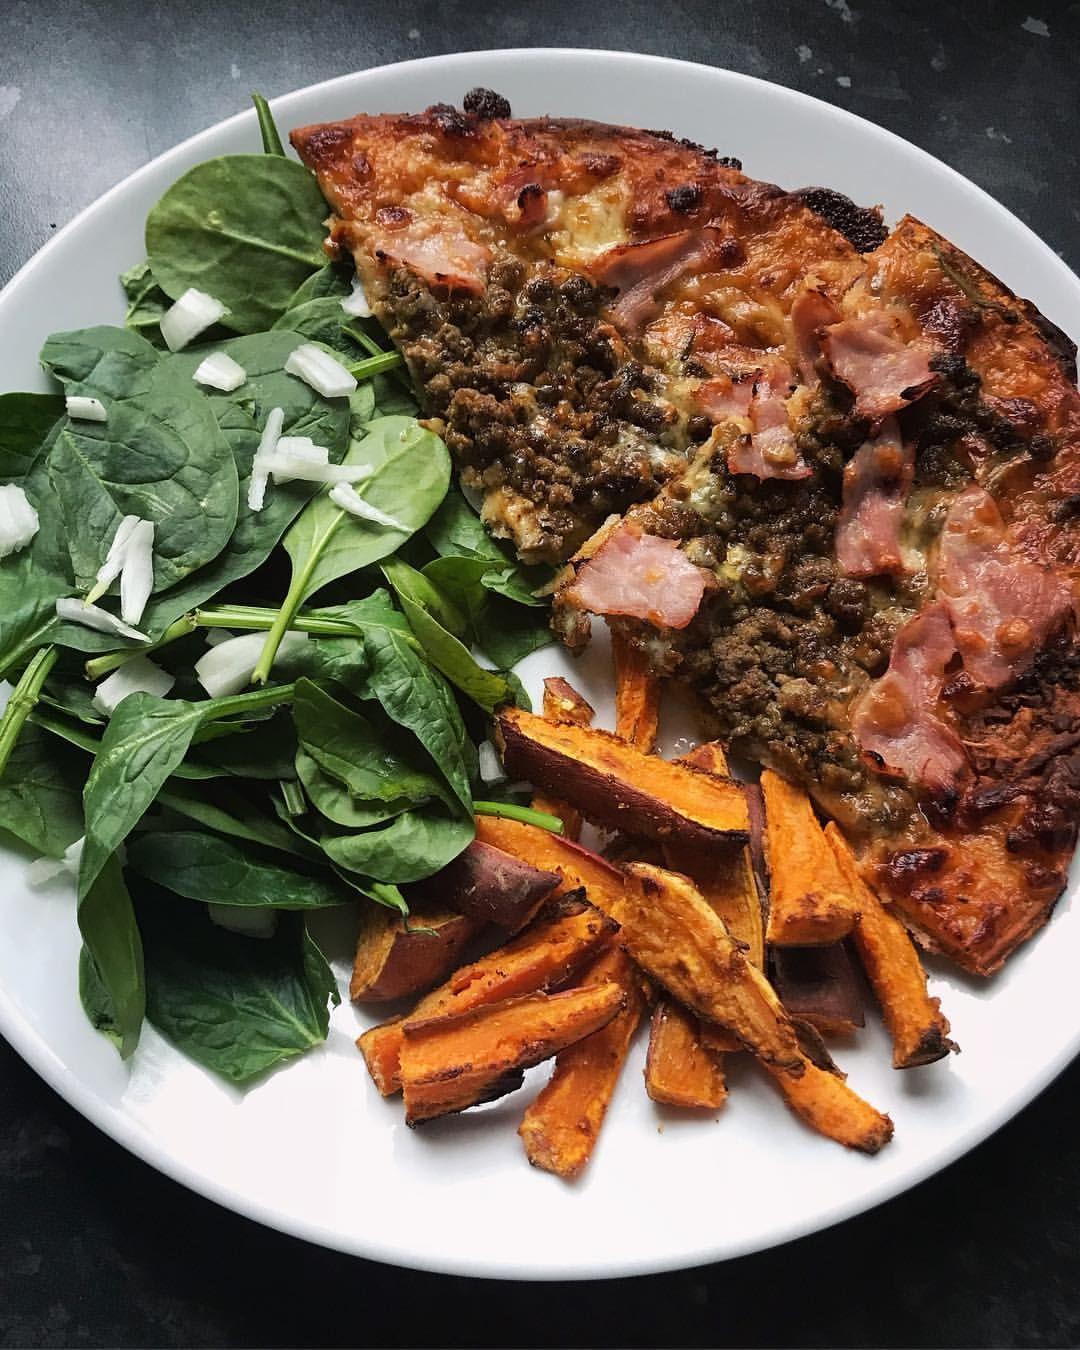 köttfärs protein